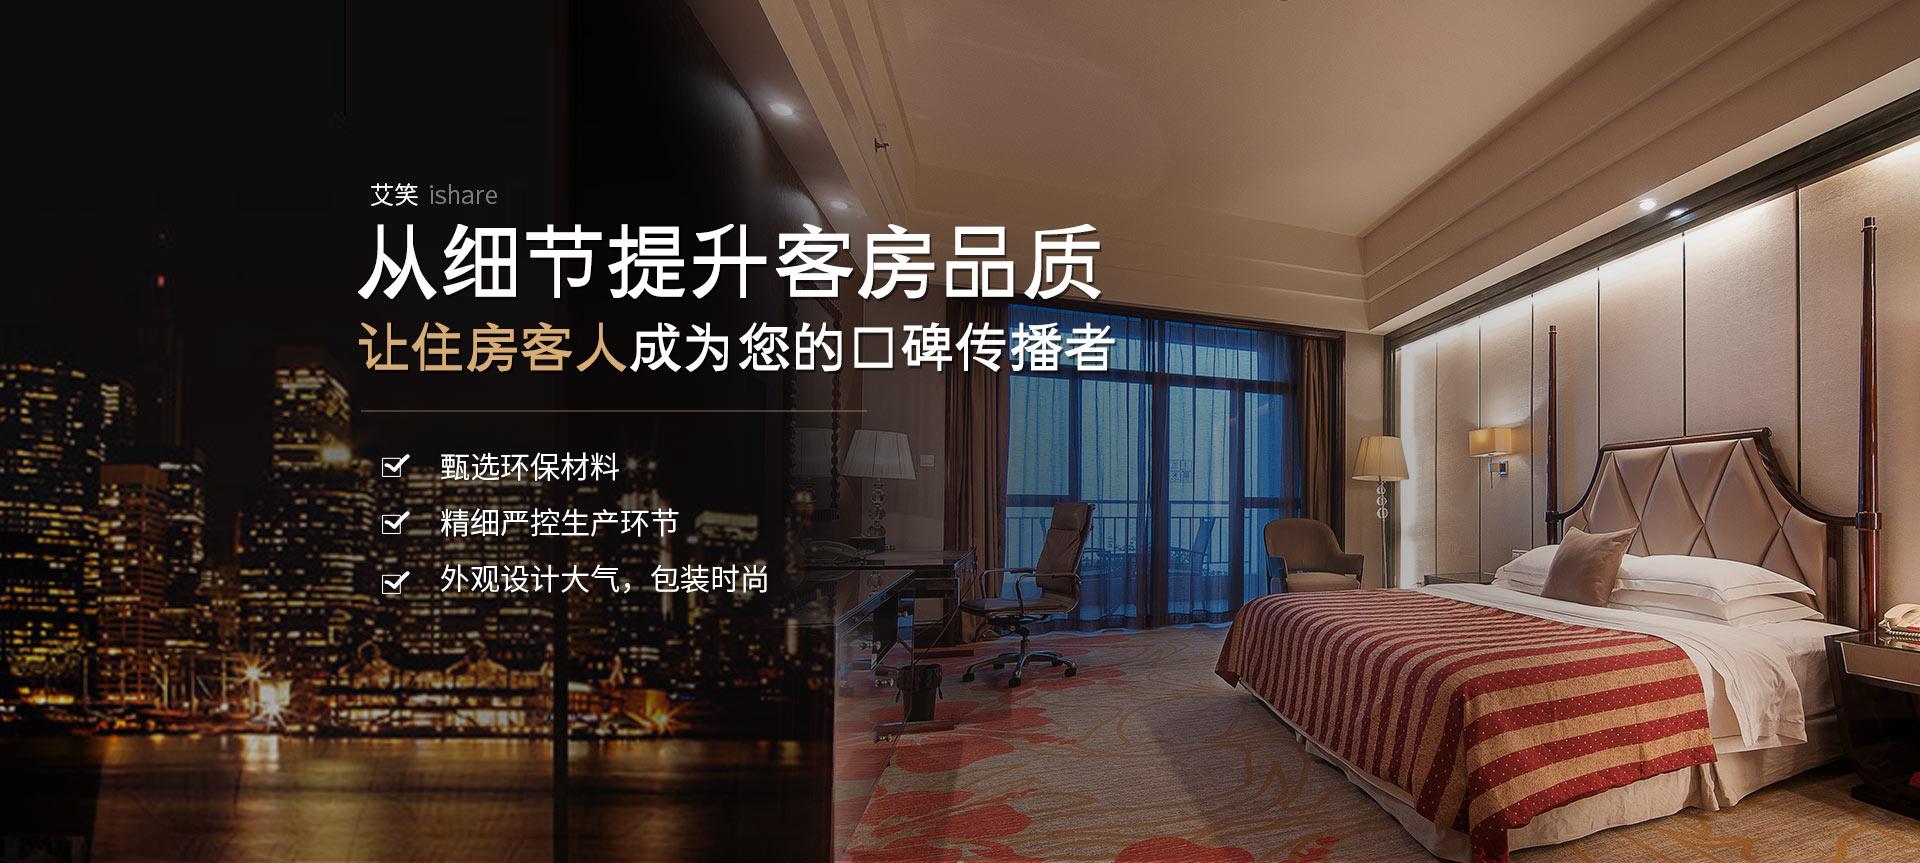 艾笑-从细节提升客房品质